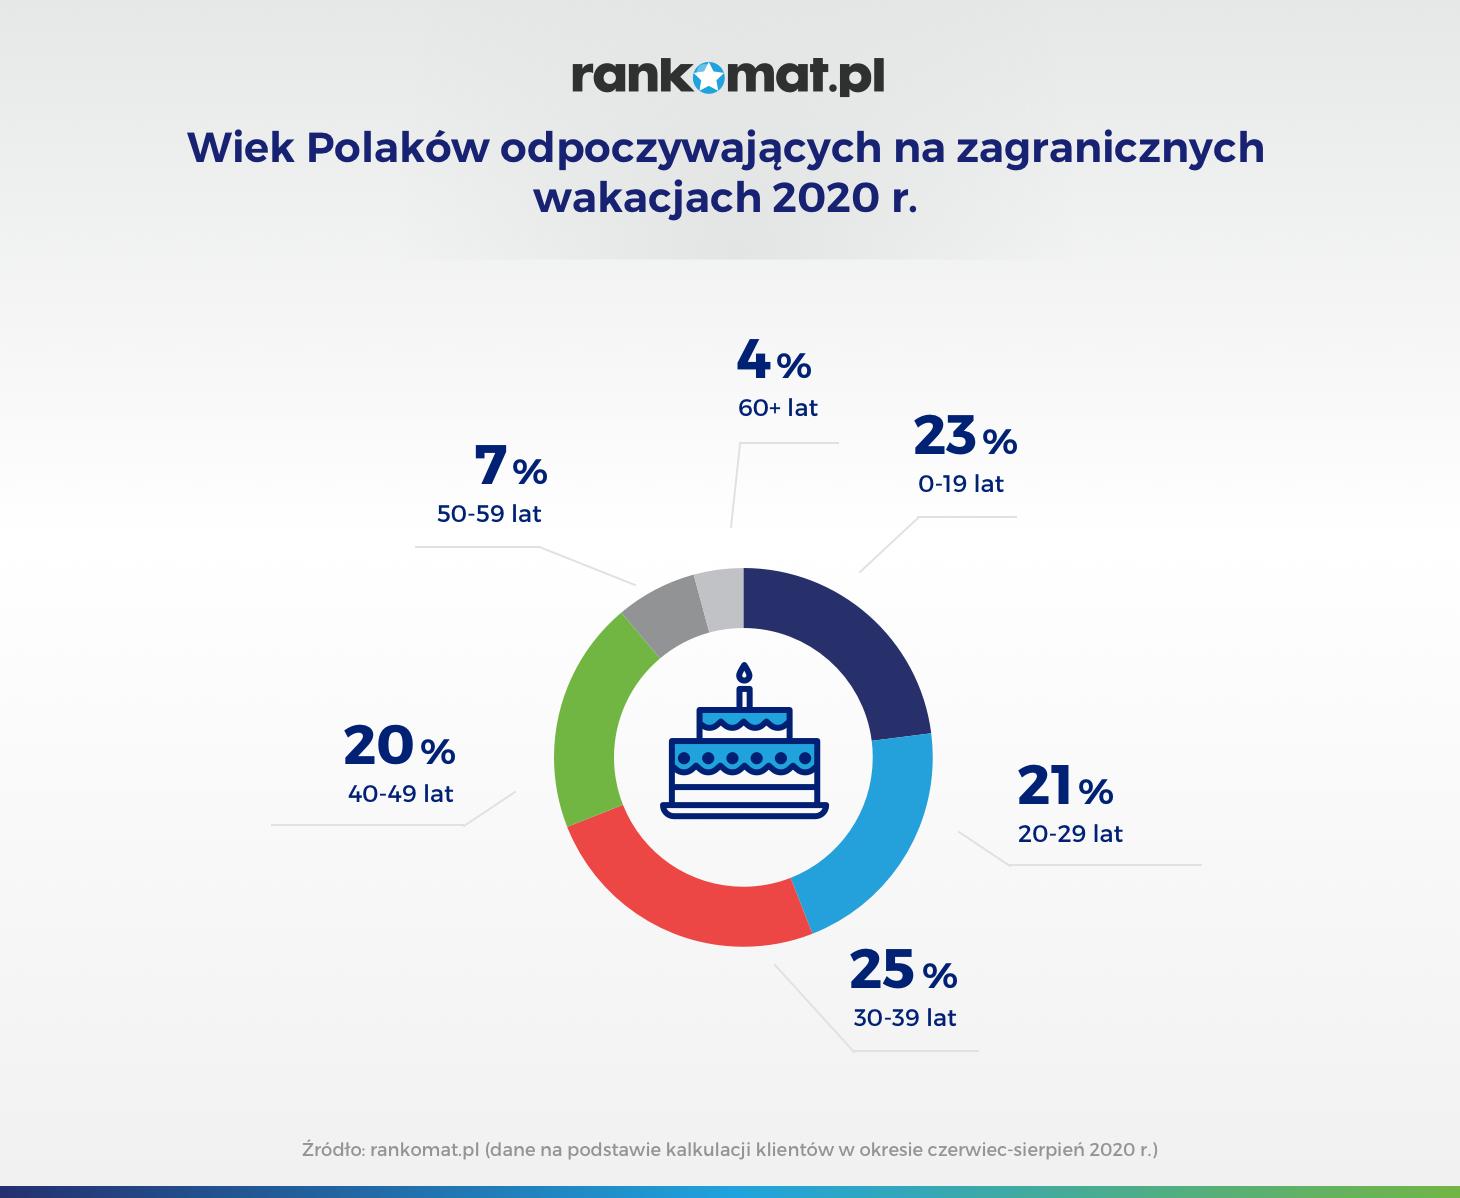 Wiek Polaków odpoczywających na zagranicznych wakacjach 2020 r_v1B